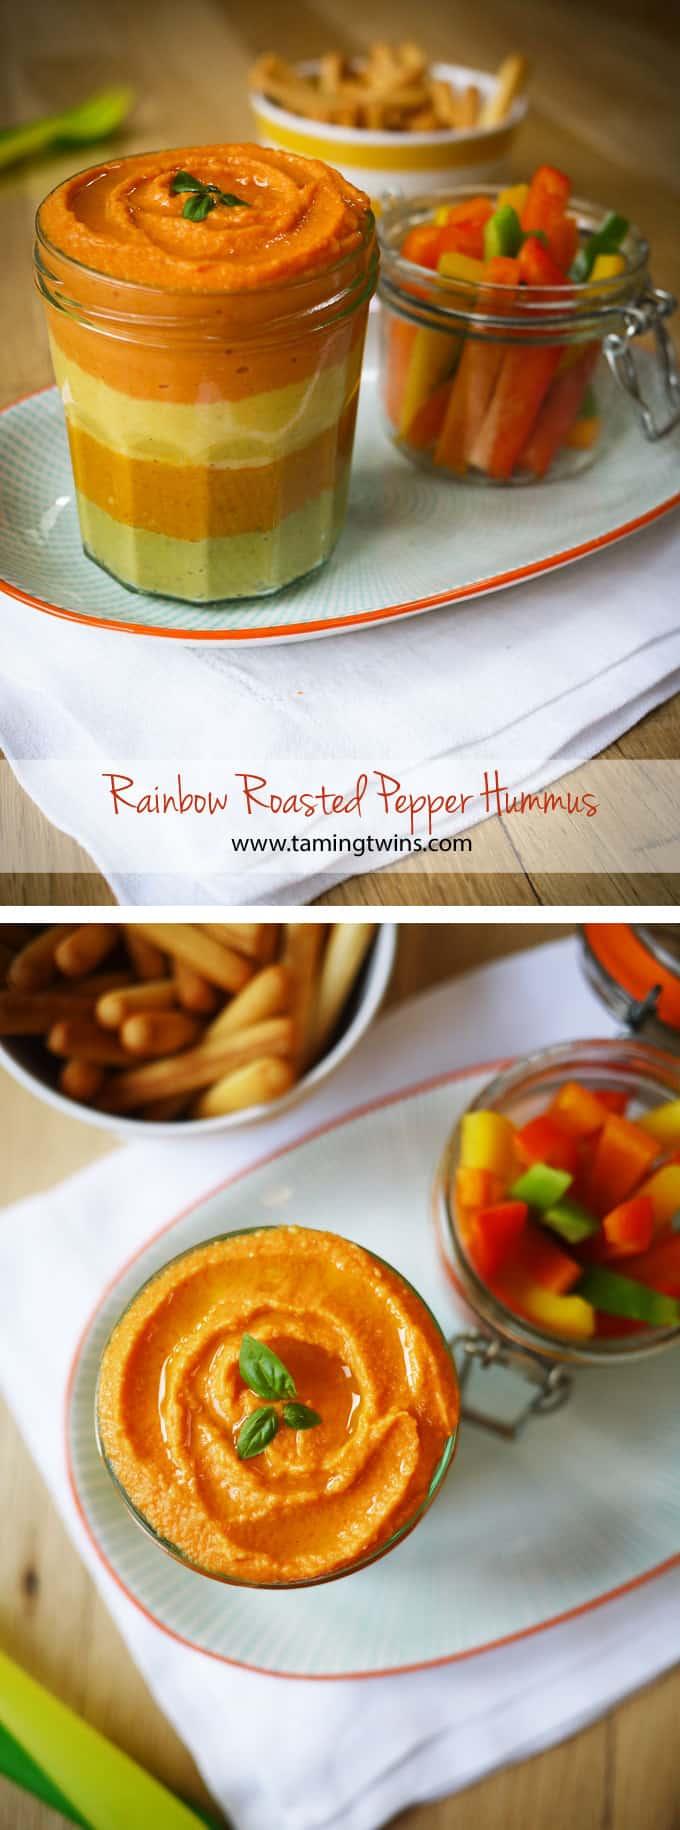 roasted-pepper-hummus